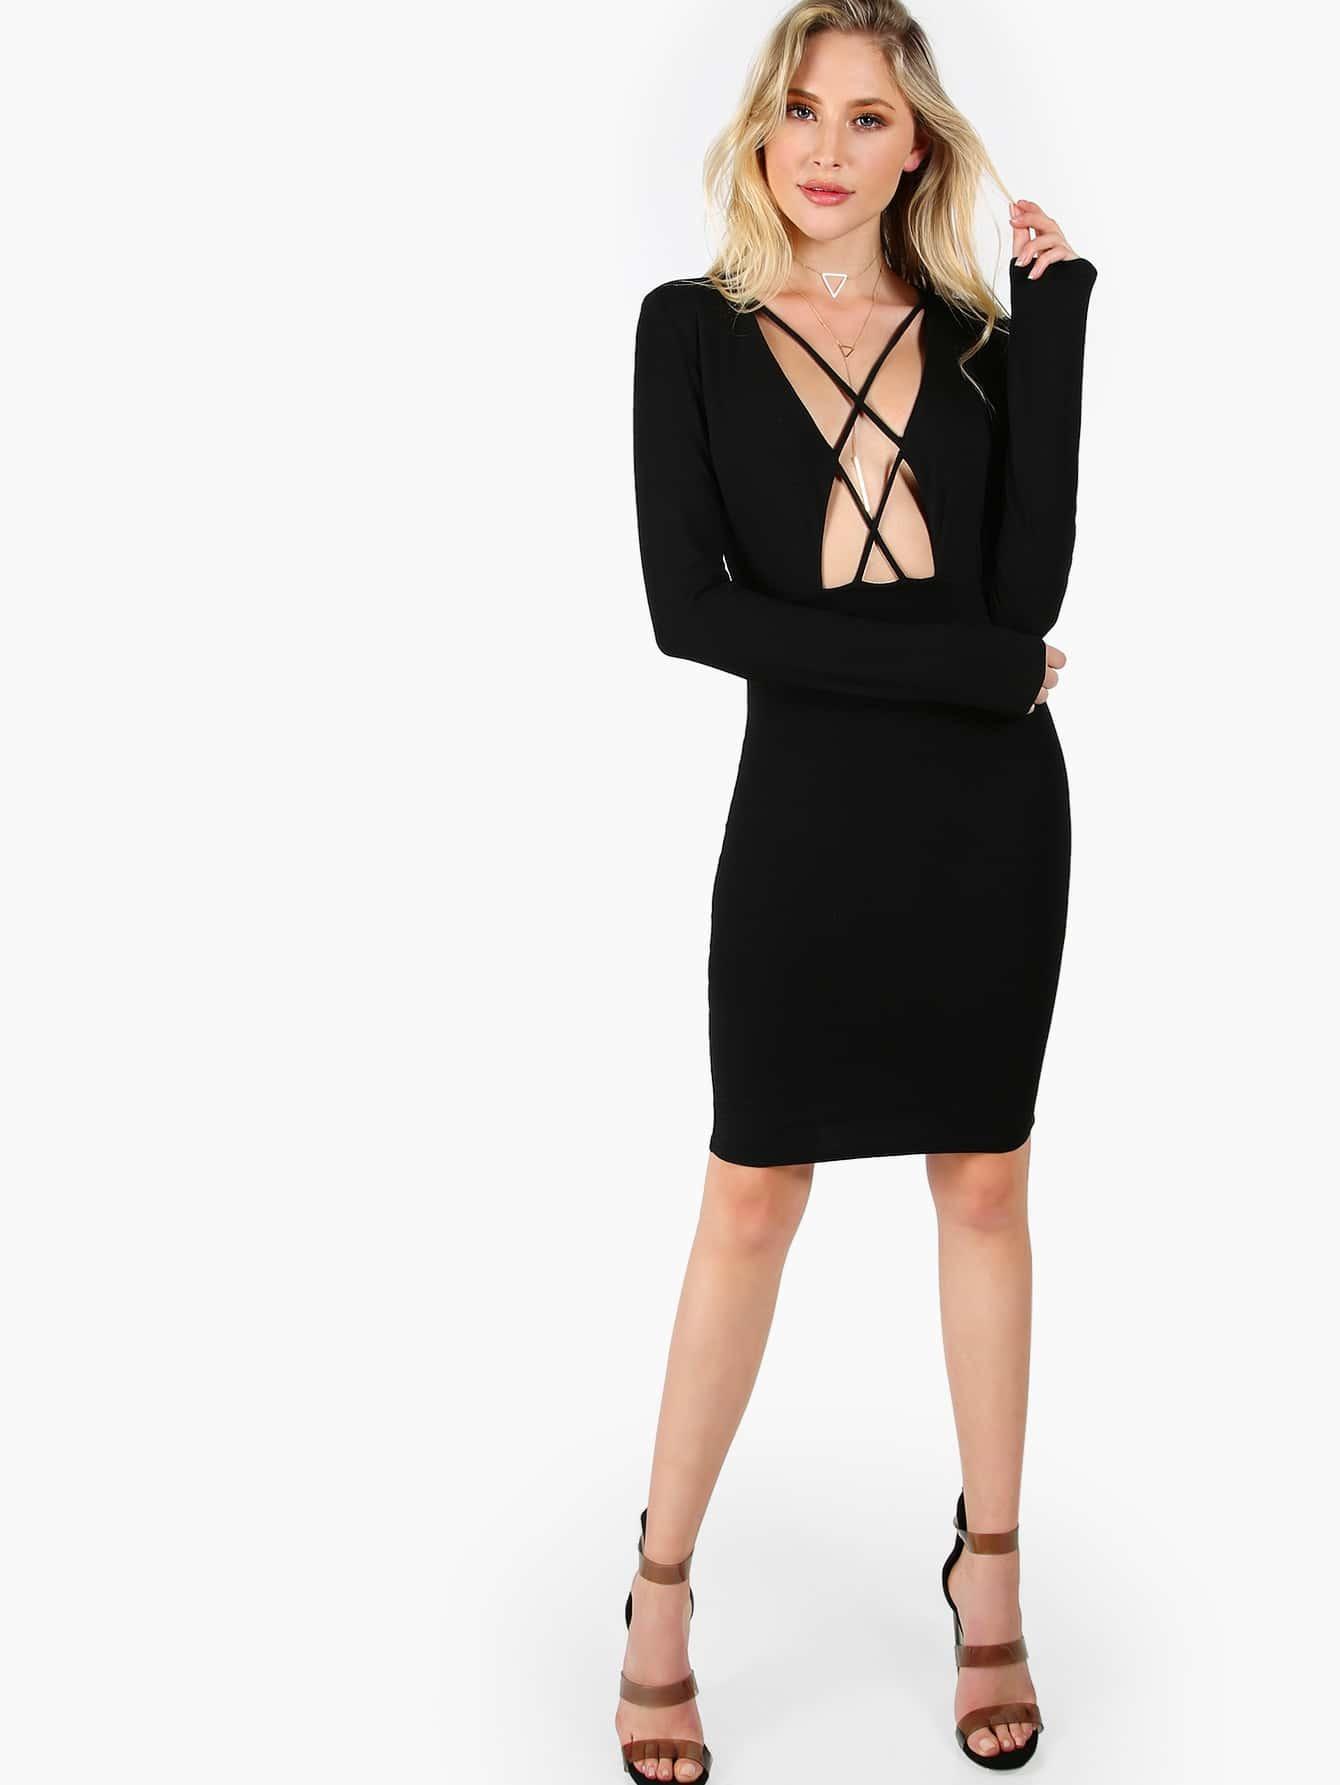 Crisscross Open Front Long Sleeve Sheath Dress dressmmc170317701